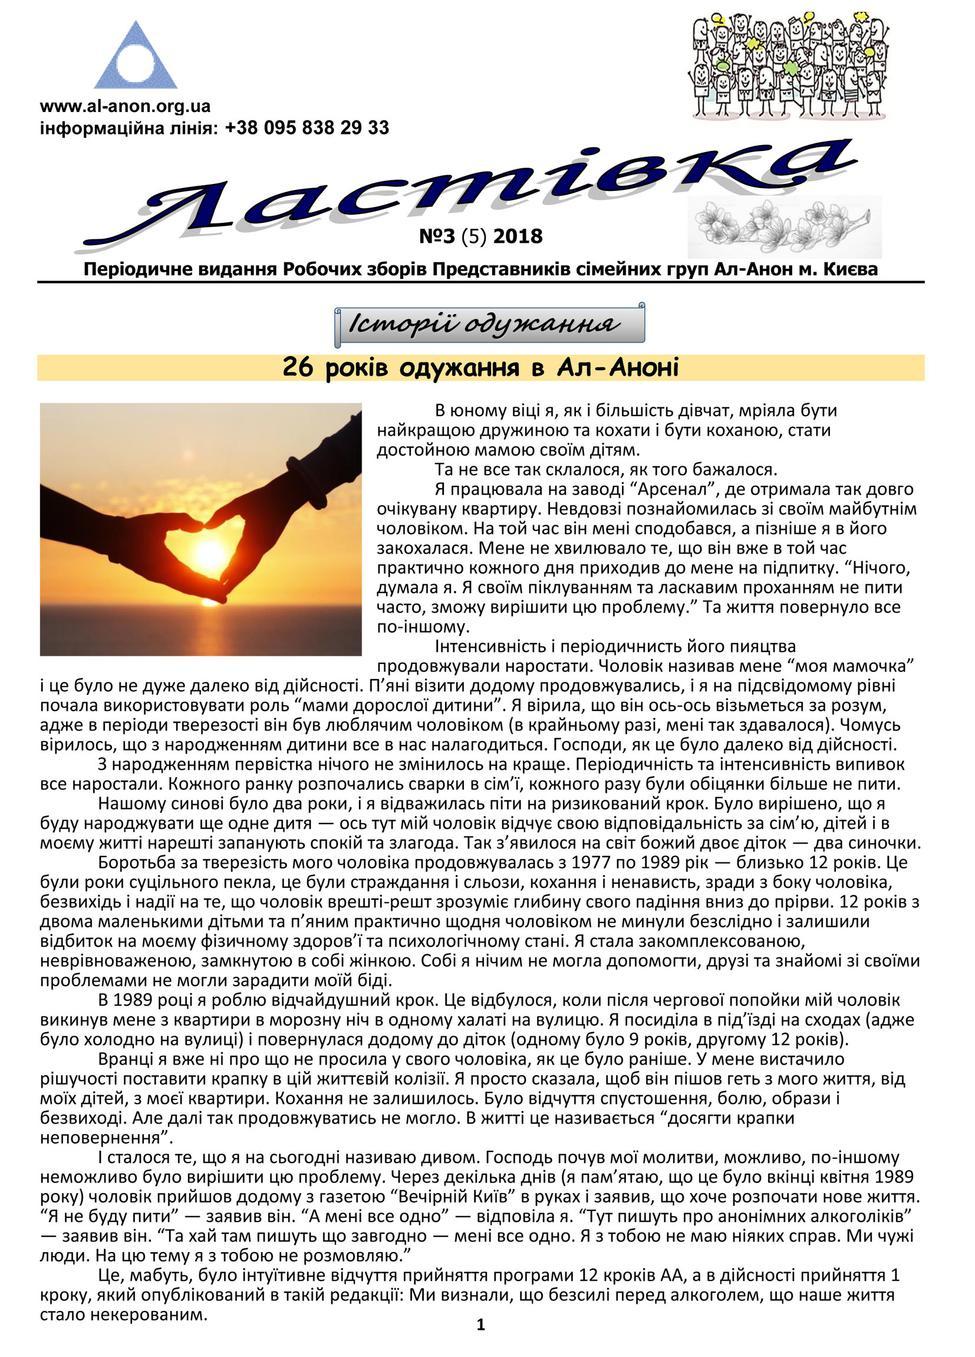 Відгуки членів Ал-Анон про семінар